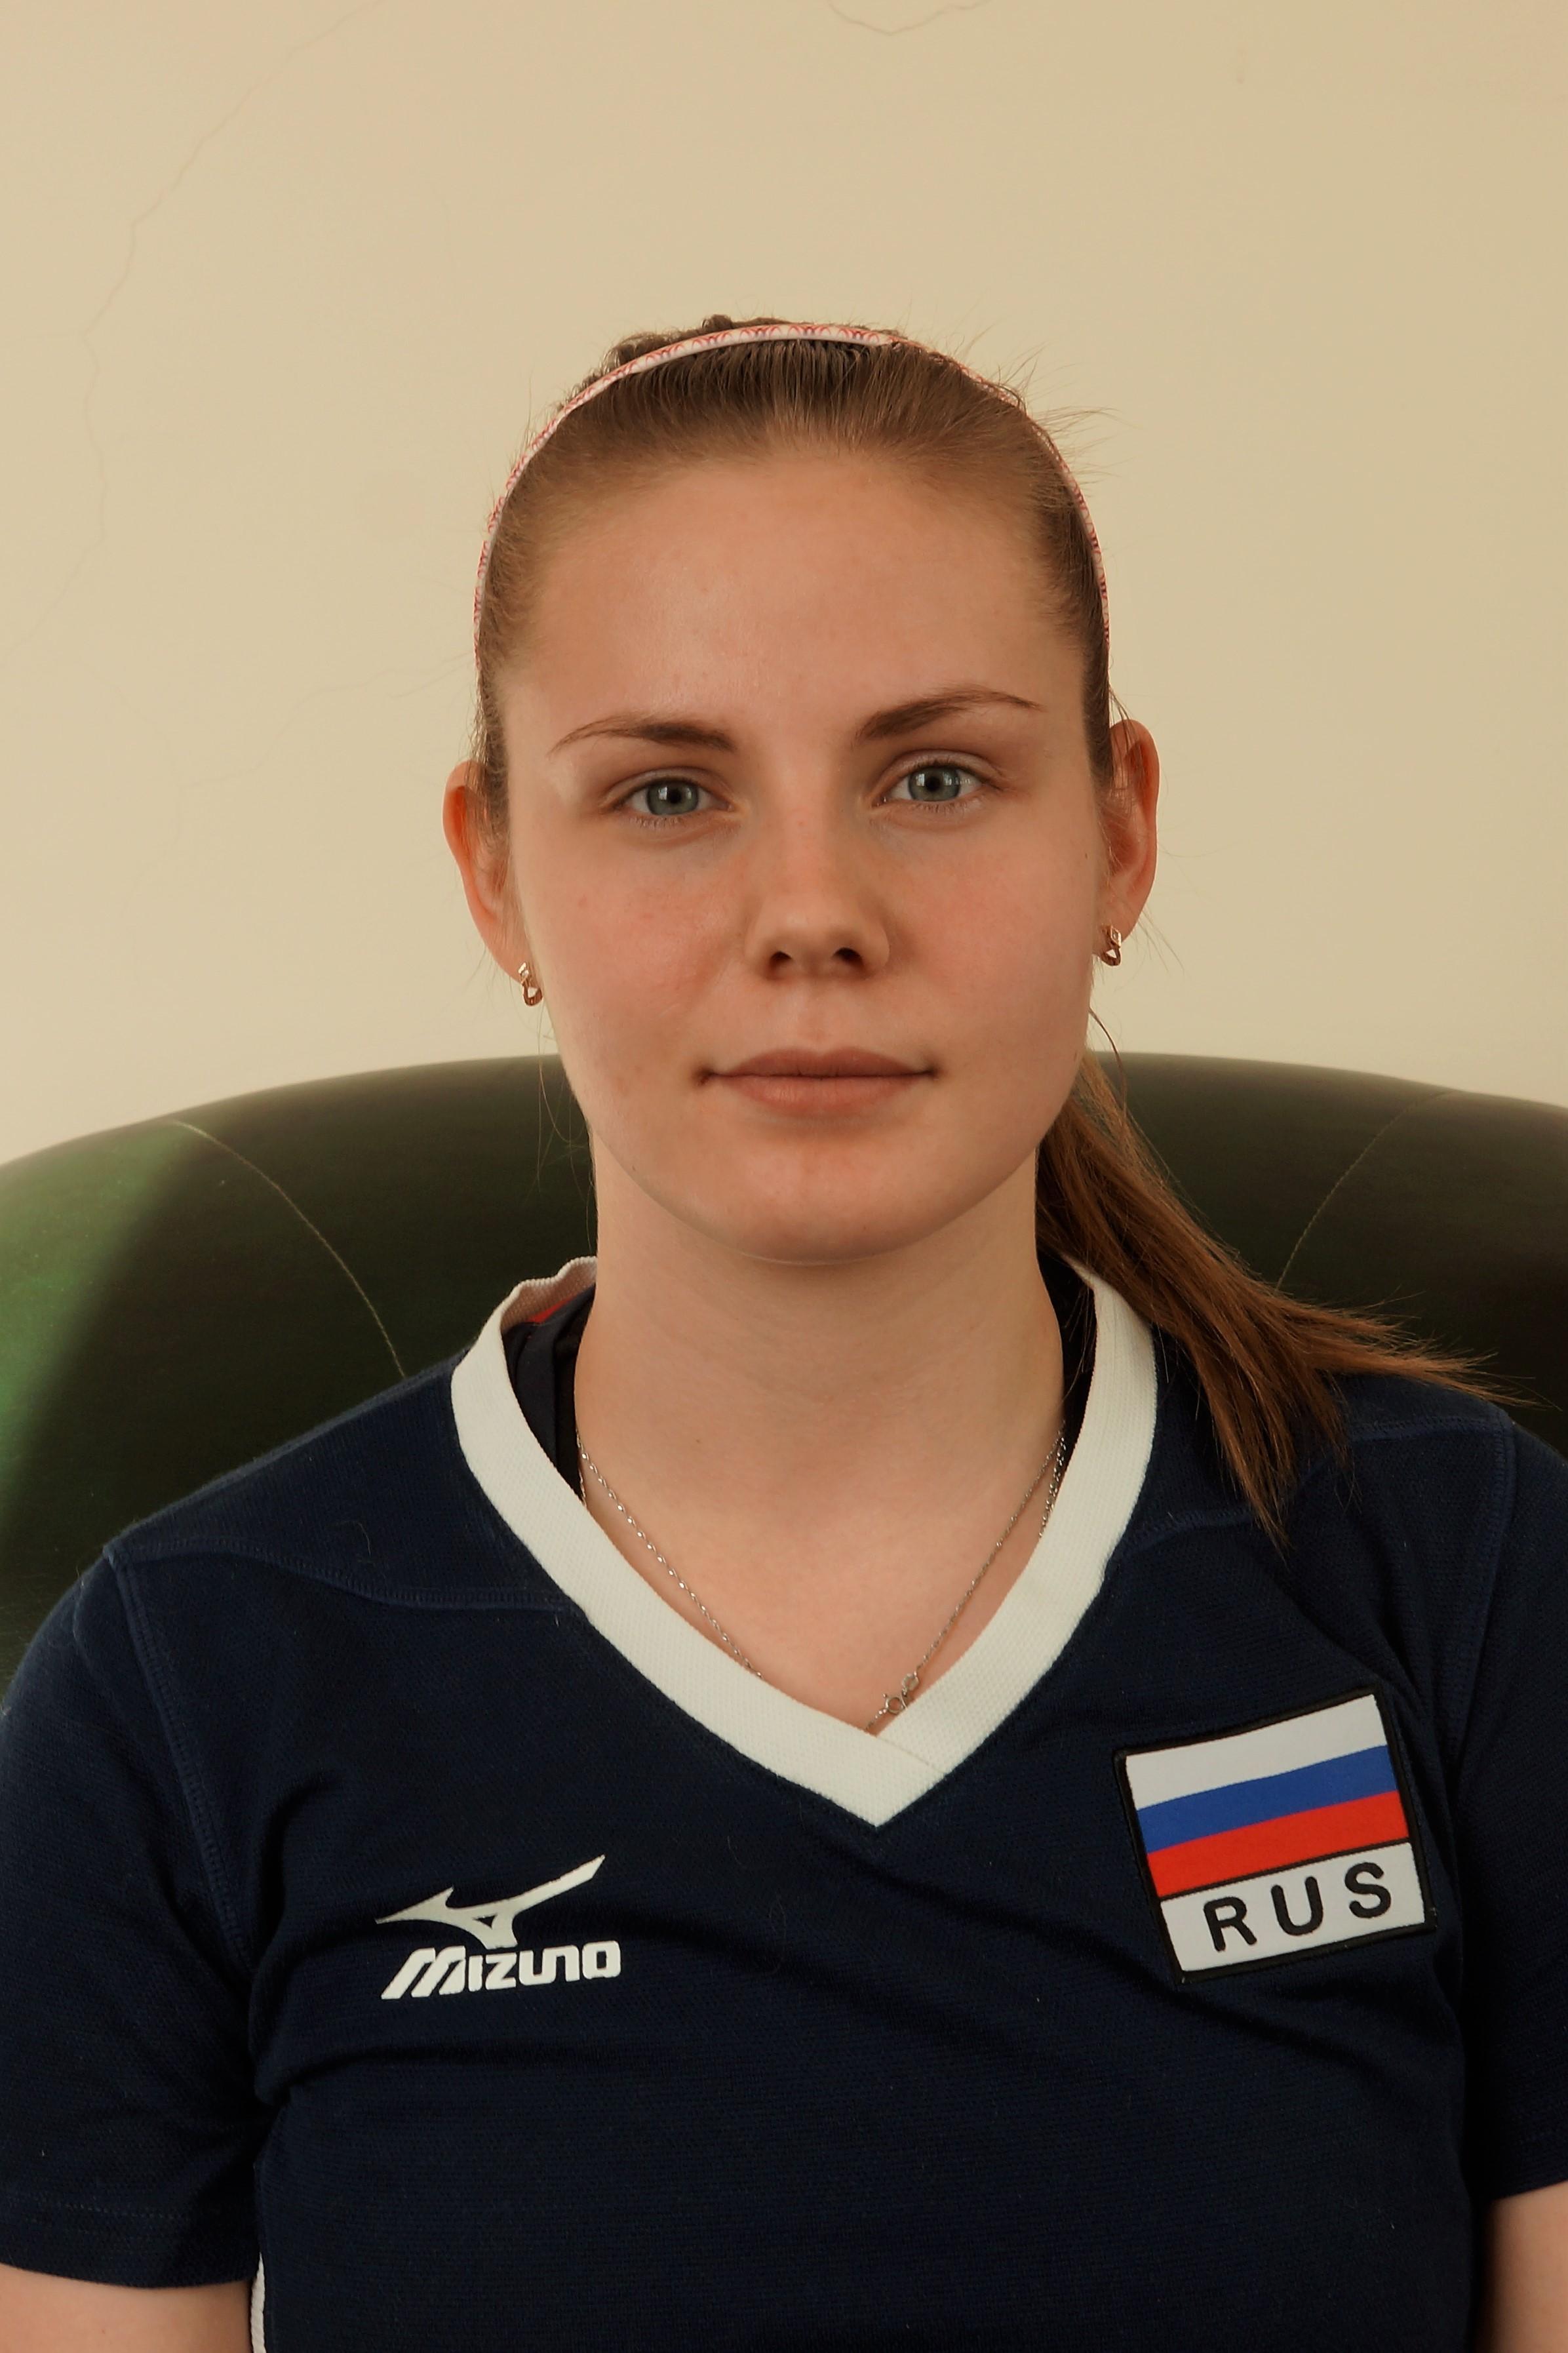 Anastasiia Stankevichute